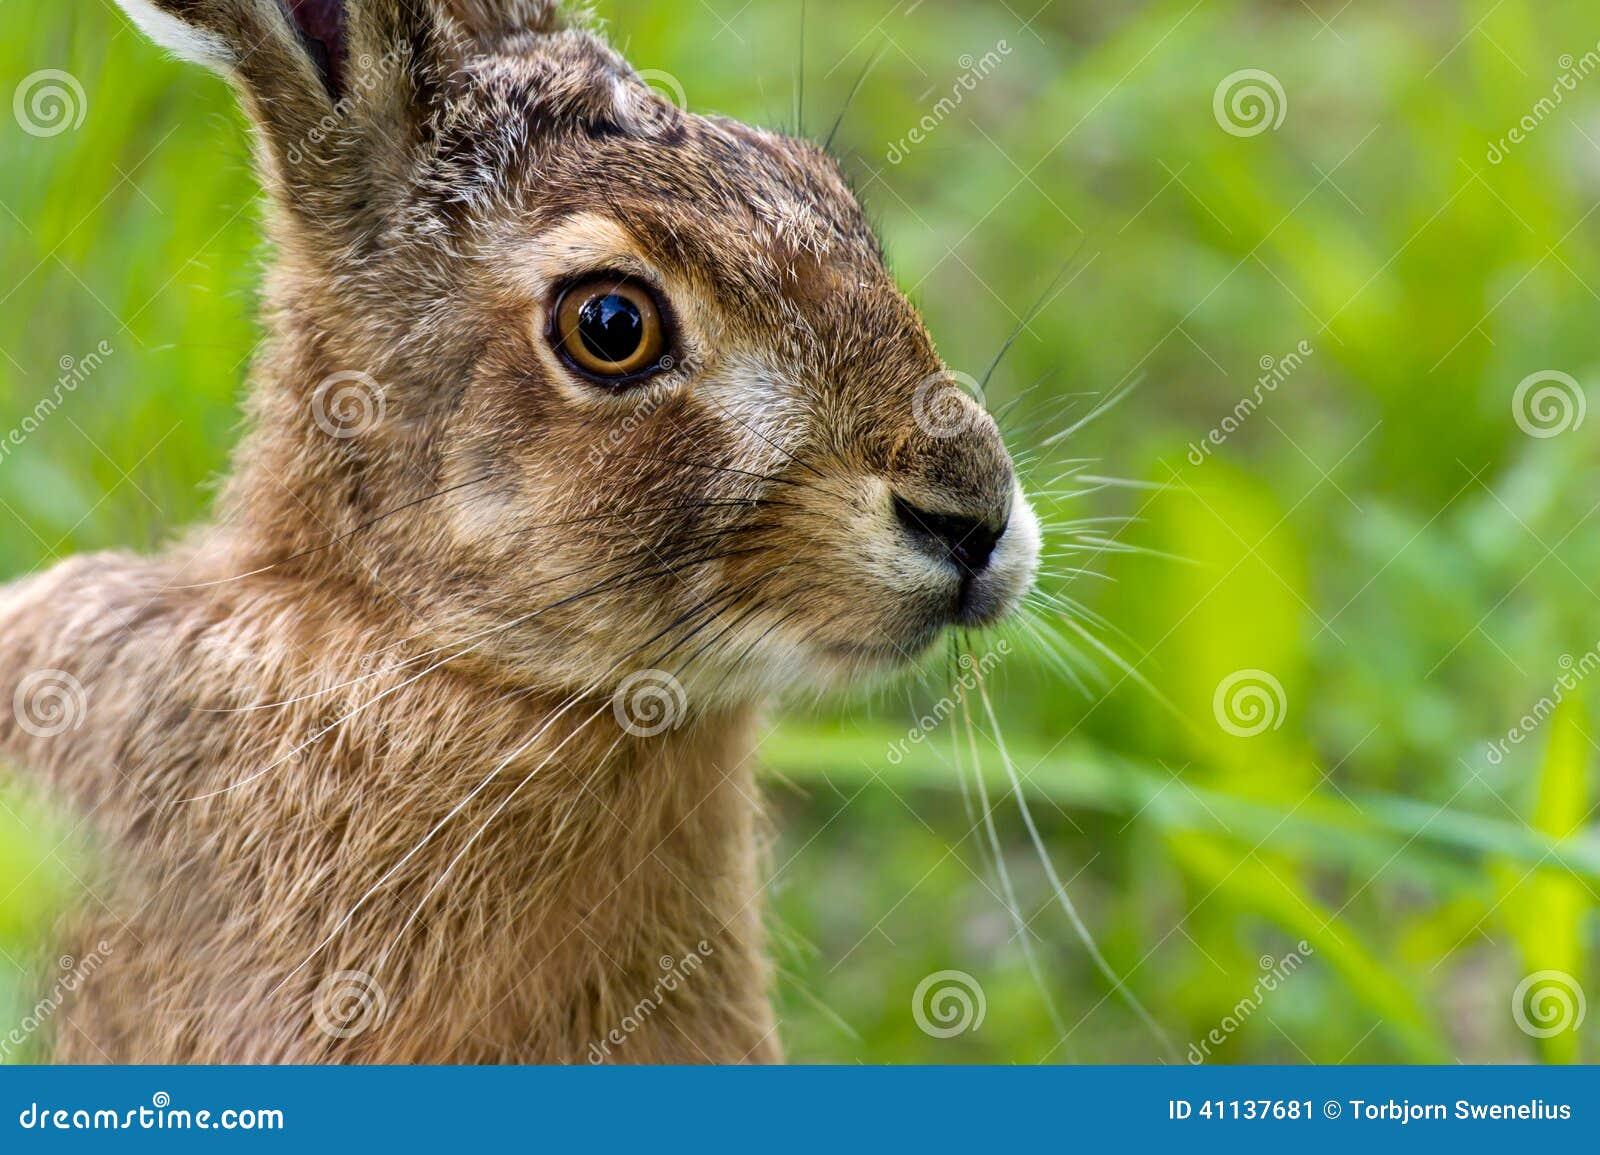 野兔是不是保护动物